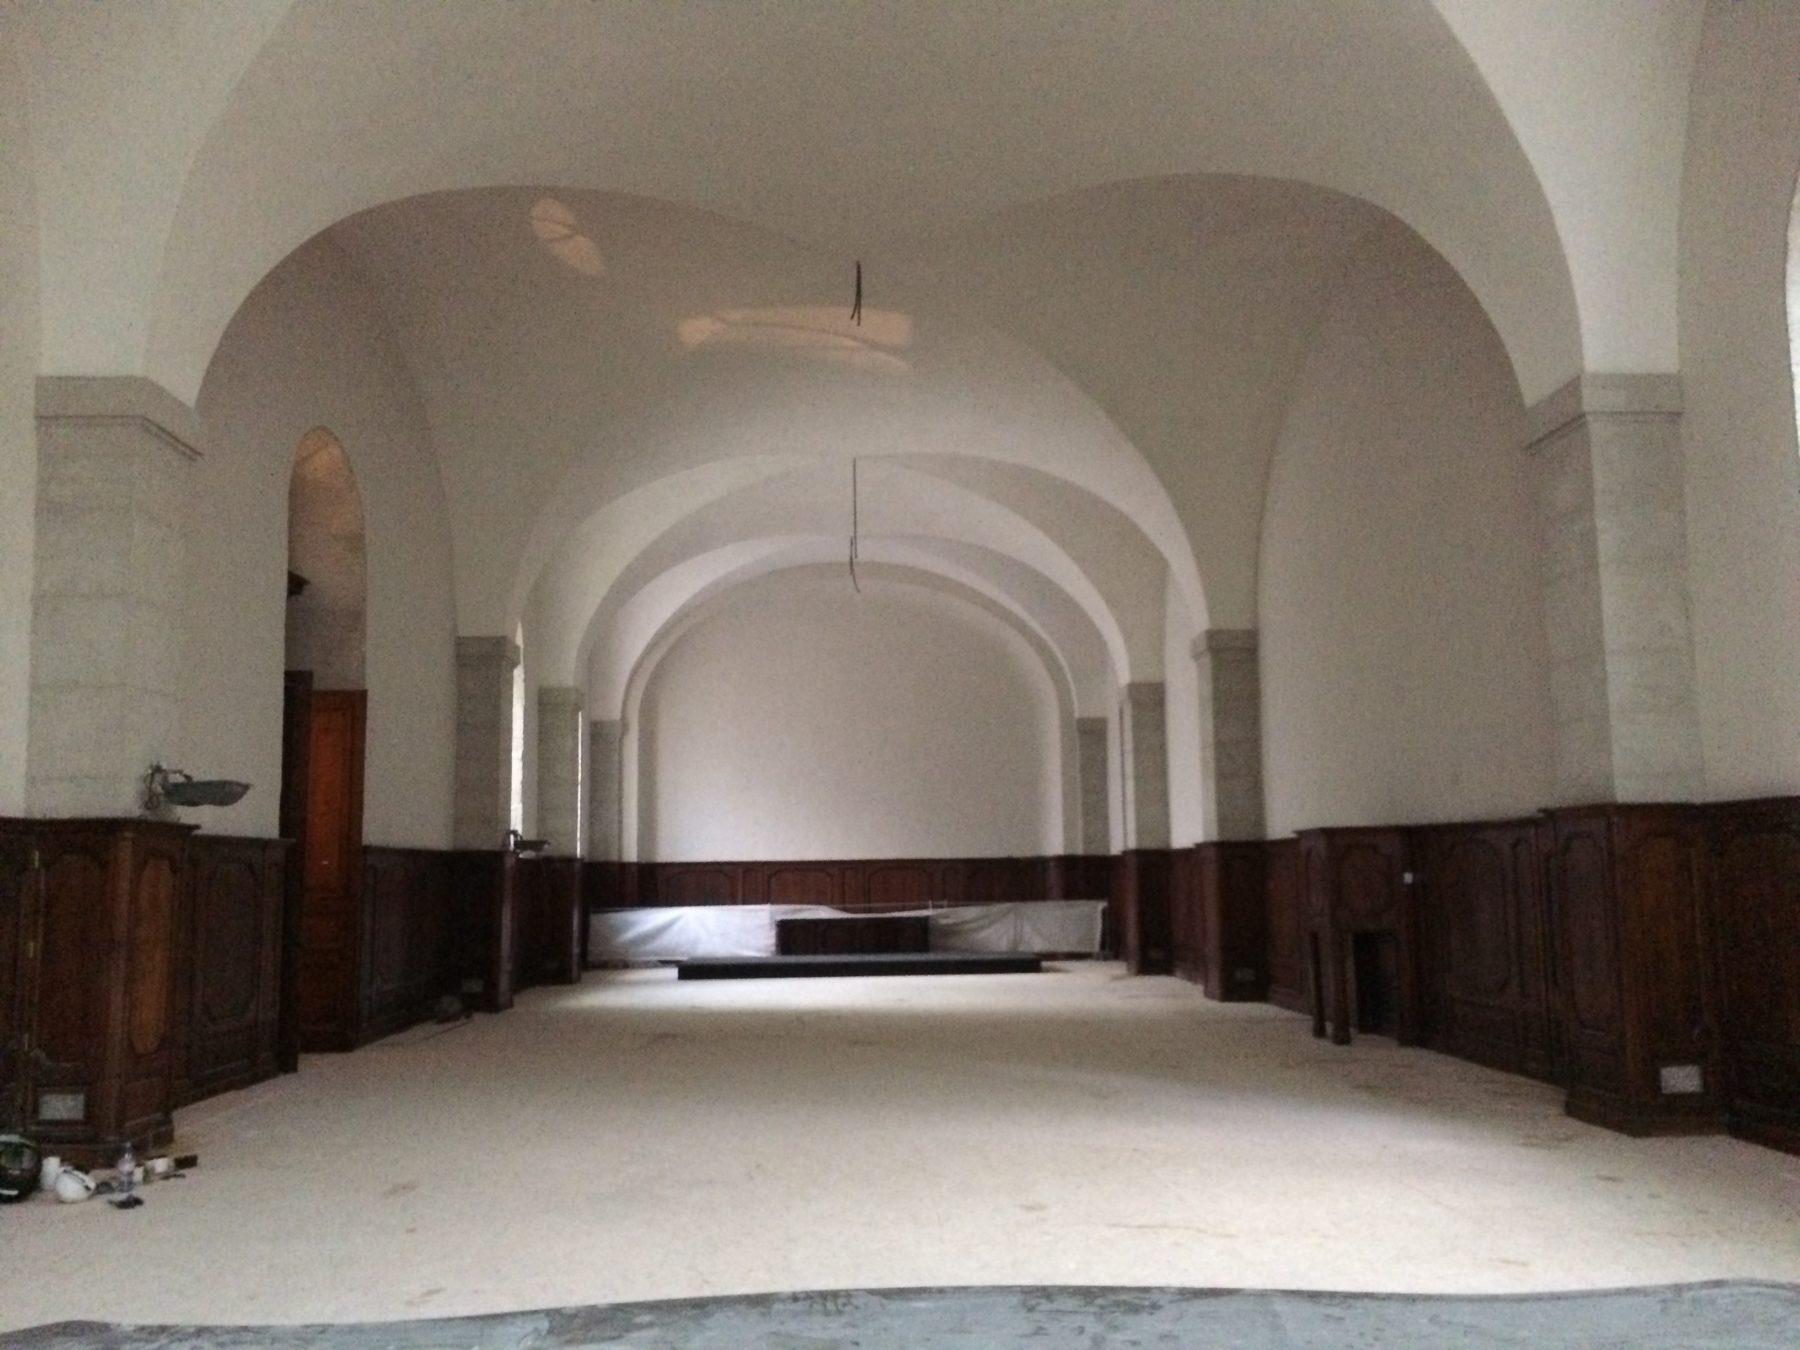 refectoire hotel dieu luc vaganay eb niste restaurateur de meubles anciens lyon. Black Bedroom Furniture Sets. Home Design Ideas